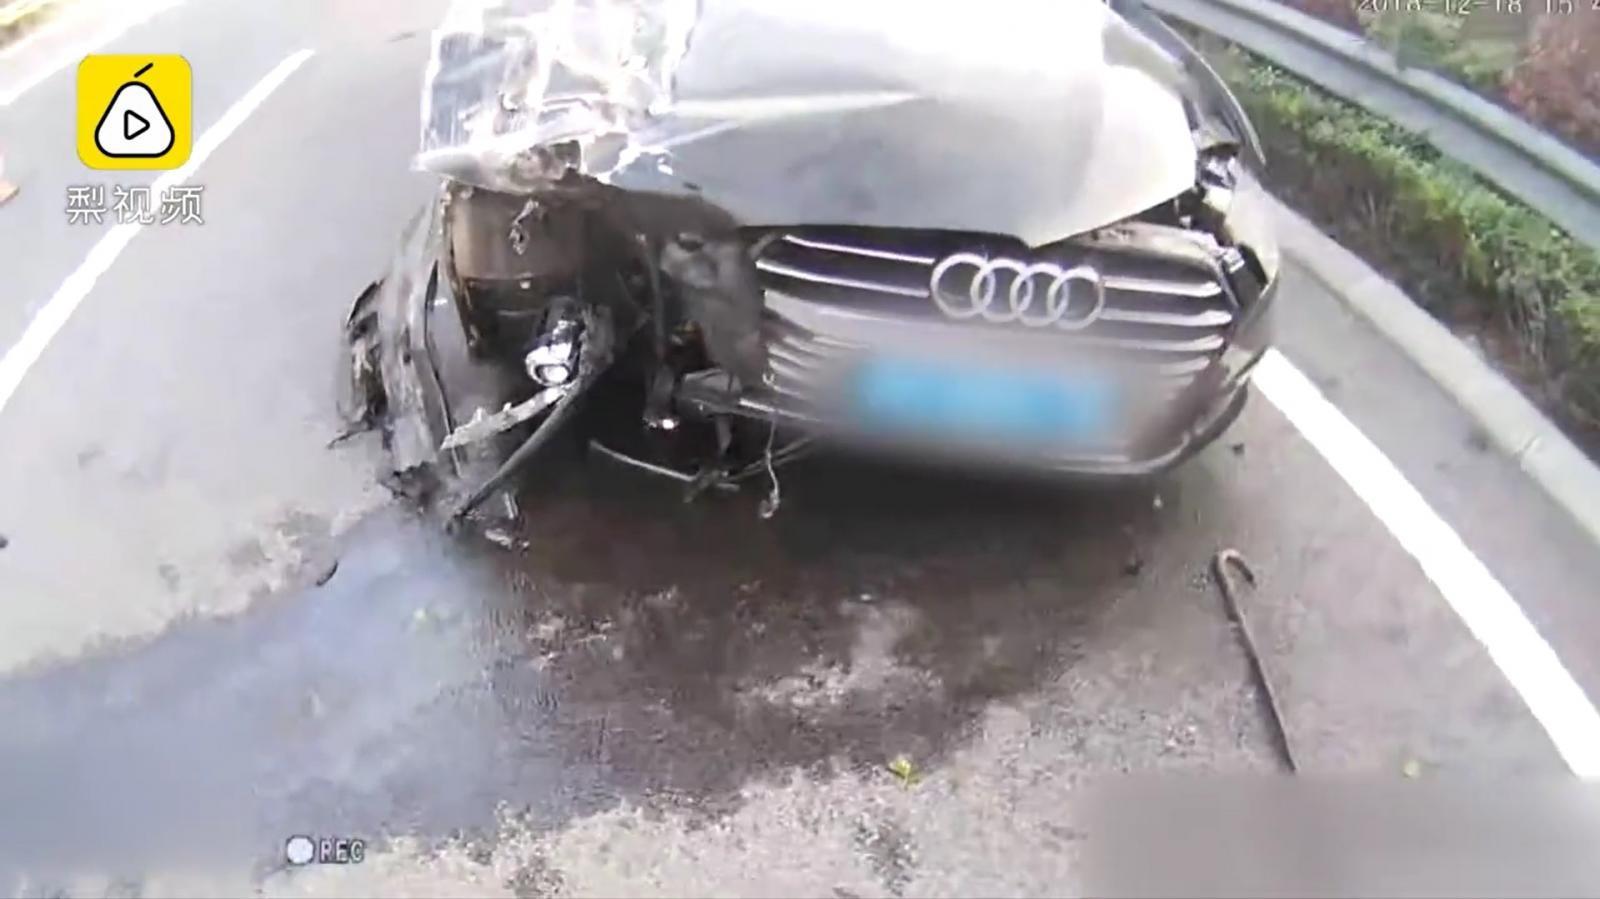 Chiếc xe sang Audi bị hỏng nặng sau vụ tai nạn